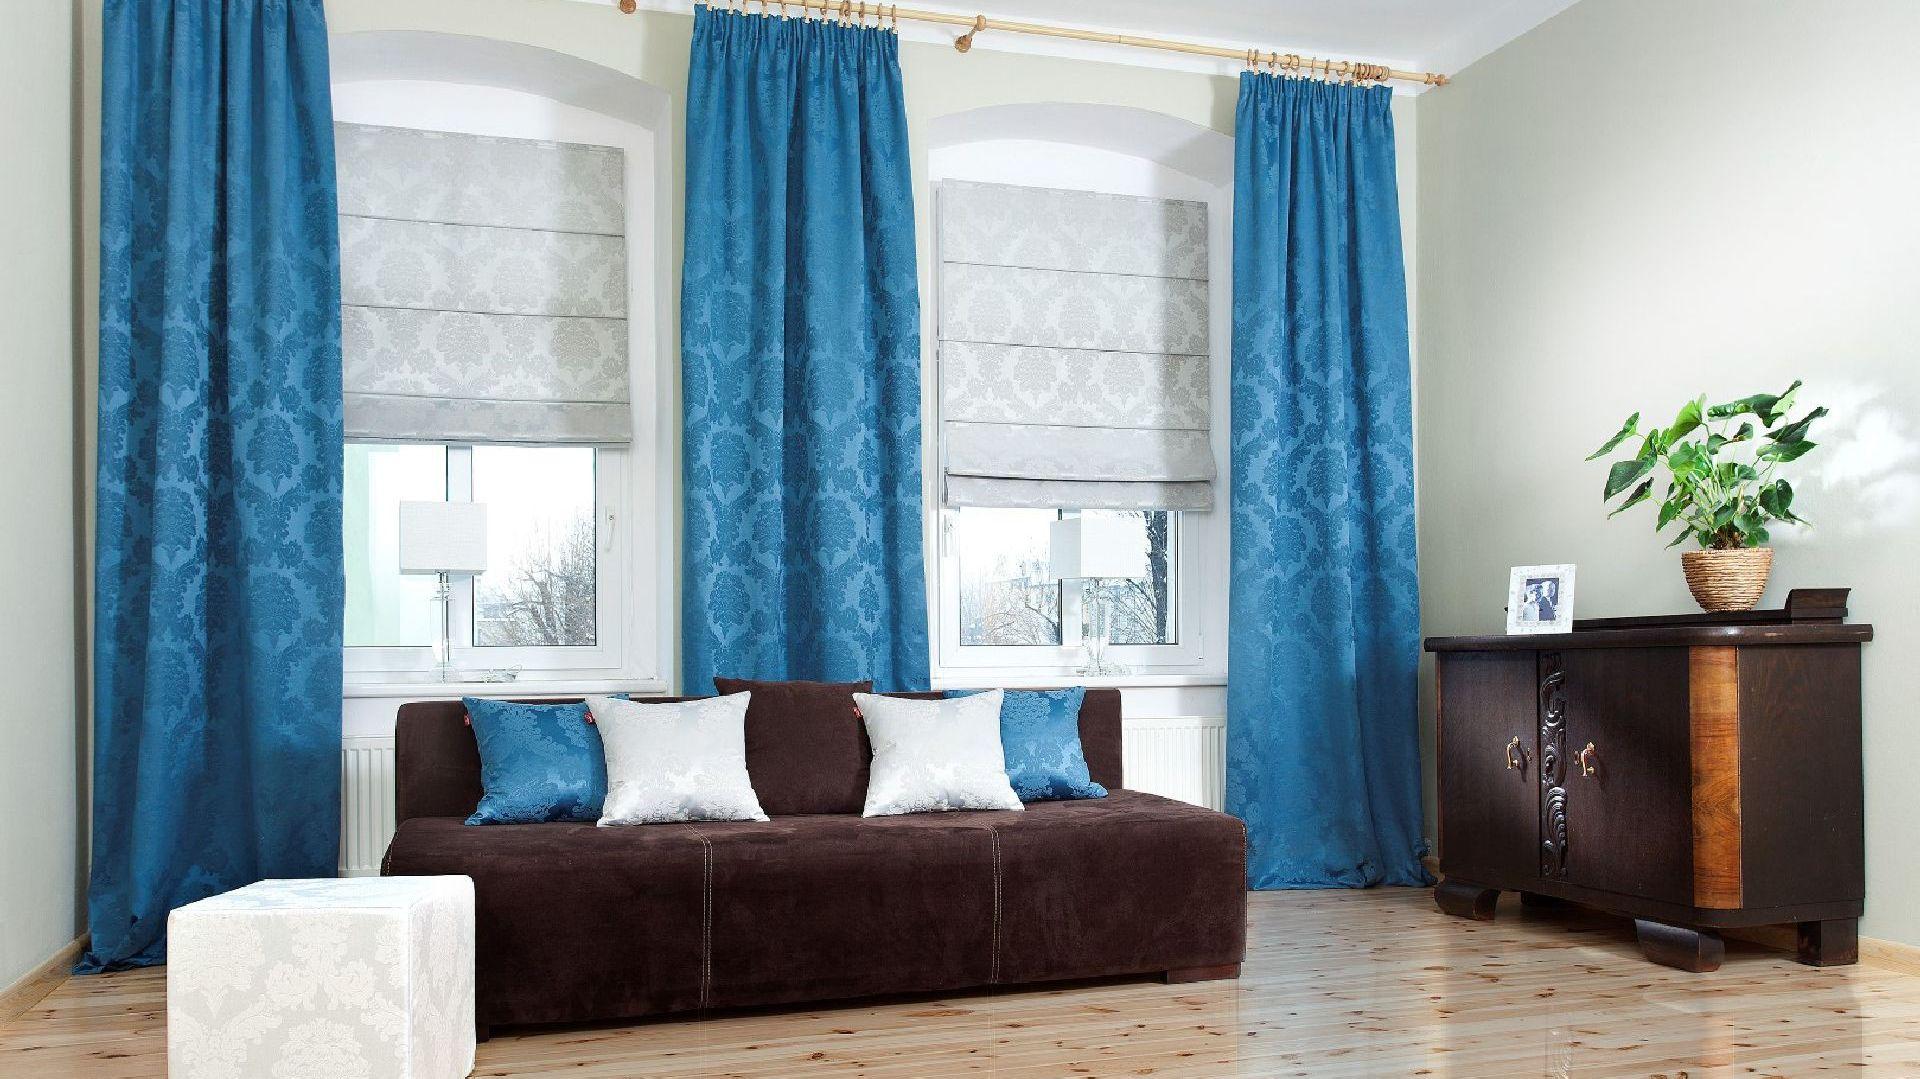 Pokój dzienny zaaranżowany przy pomocy tkanin marki Dekoria. Fot. Dekoria.